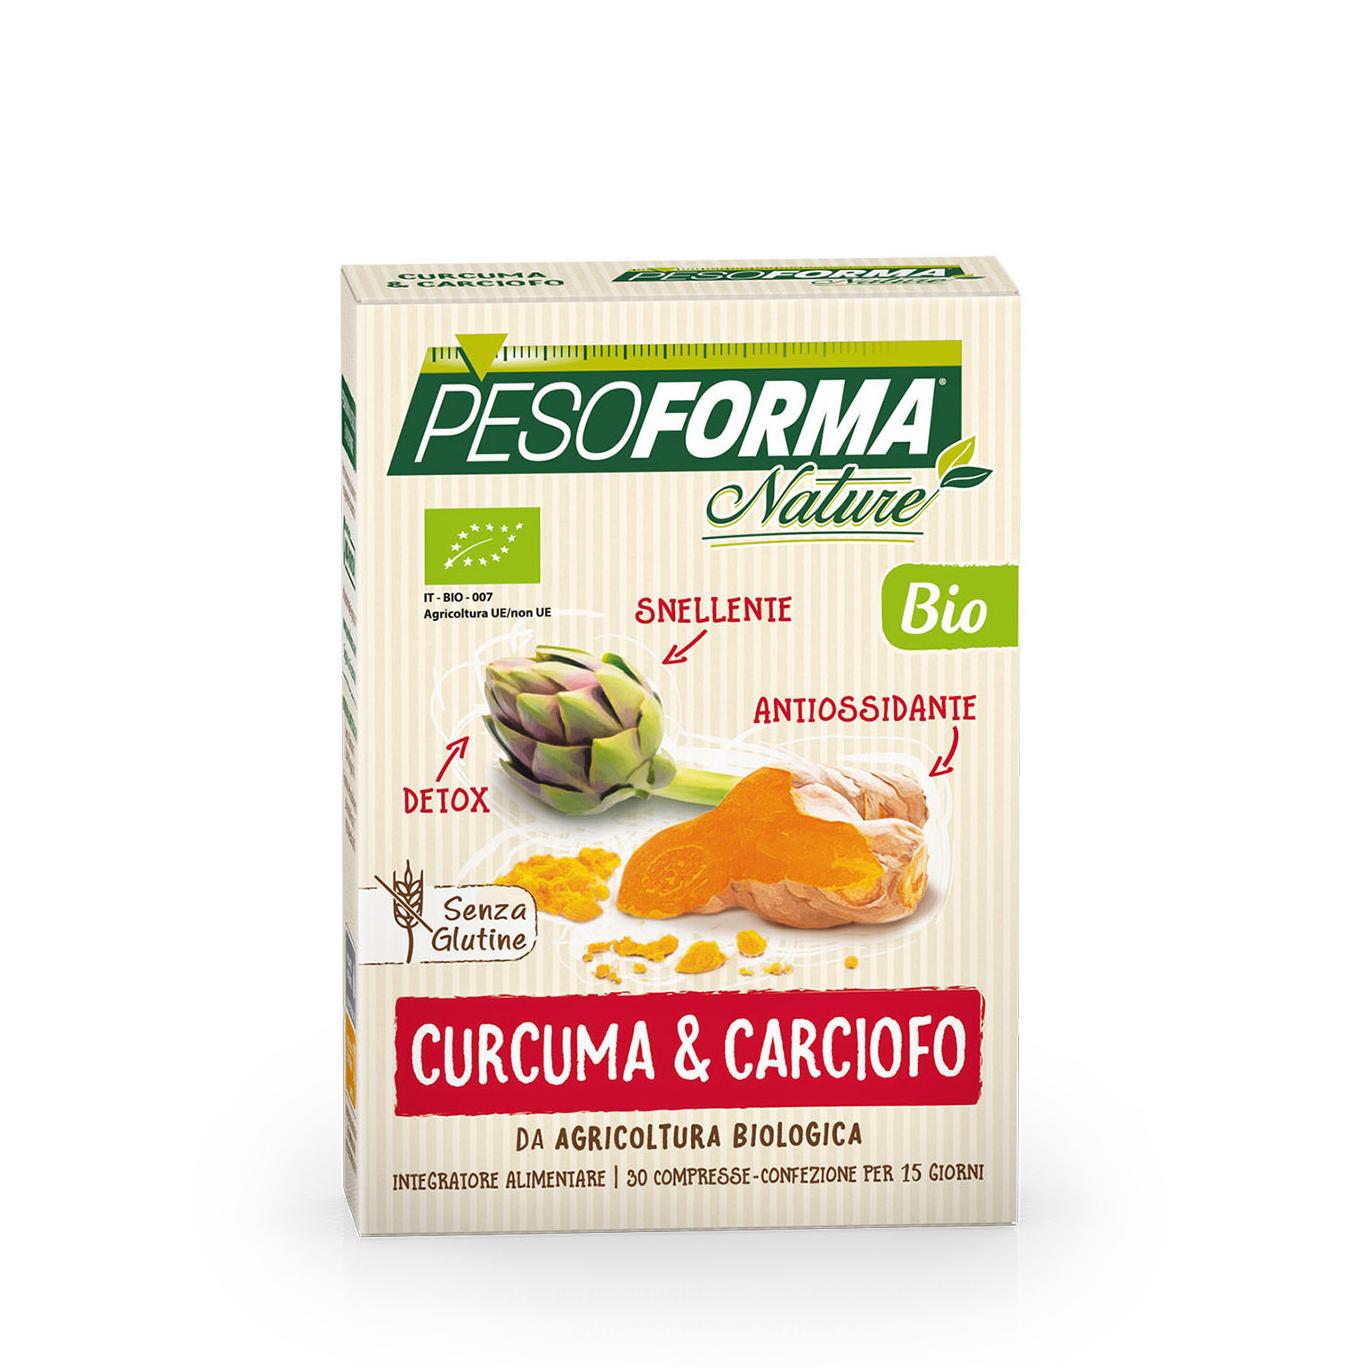 Curcuma e carciofo Bio Pesoforma - Nutrishopping